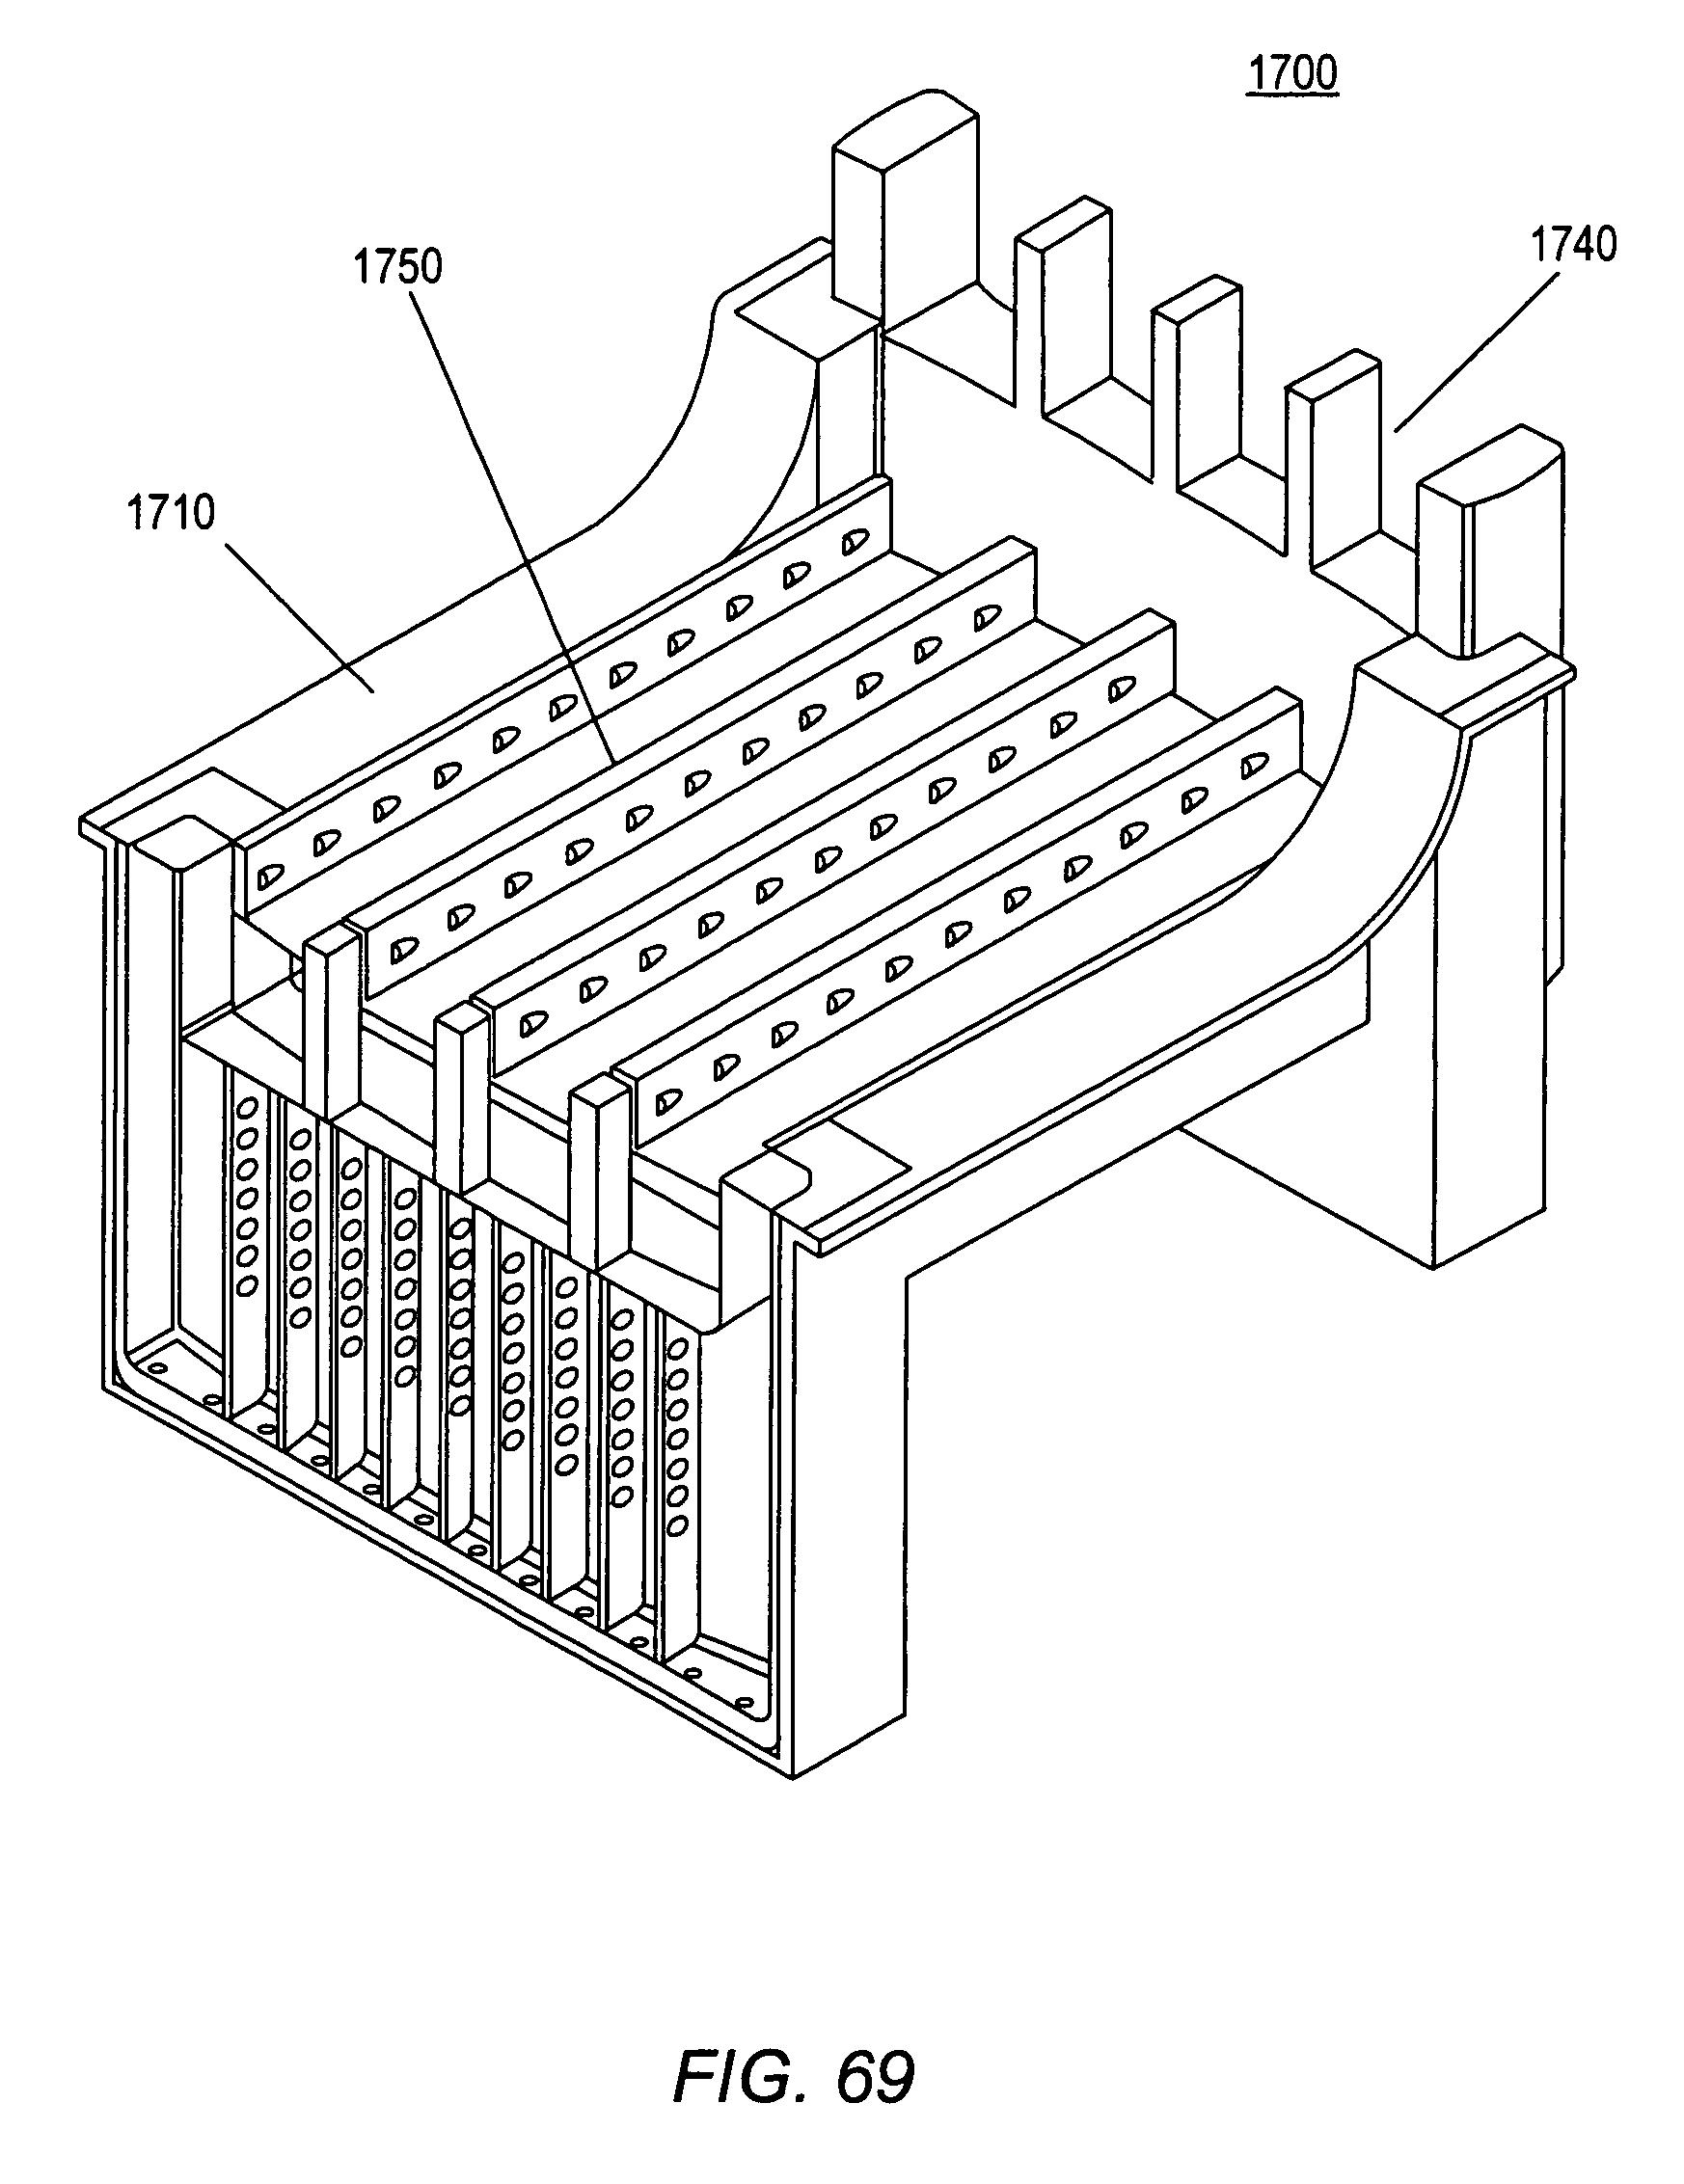 gl6500s kubota wiring diagram kubota manuals wiring